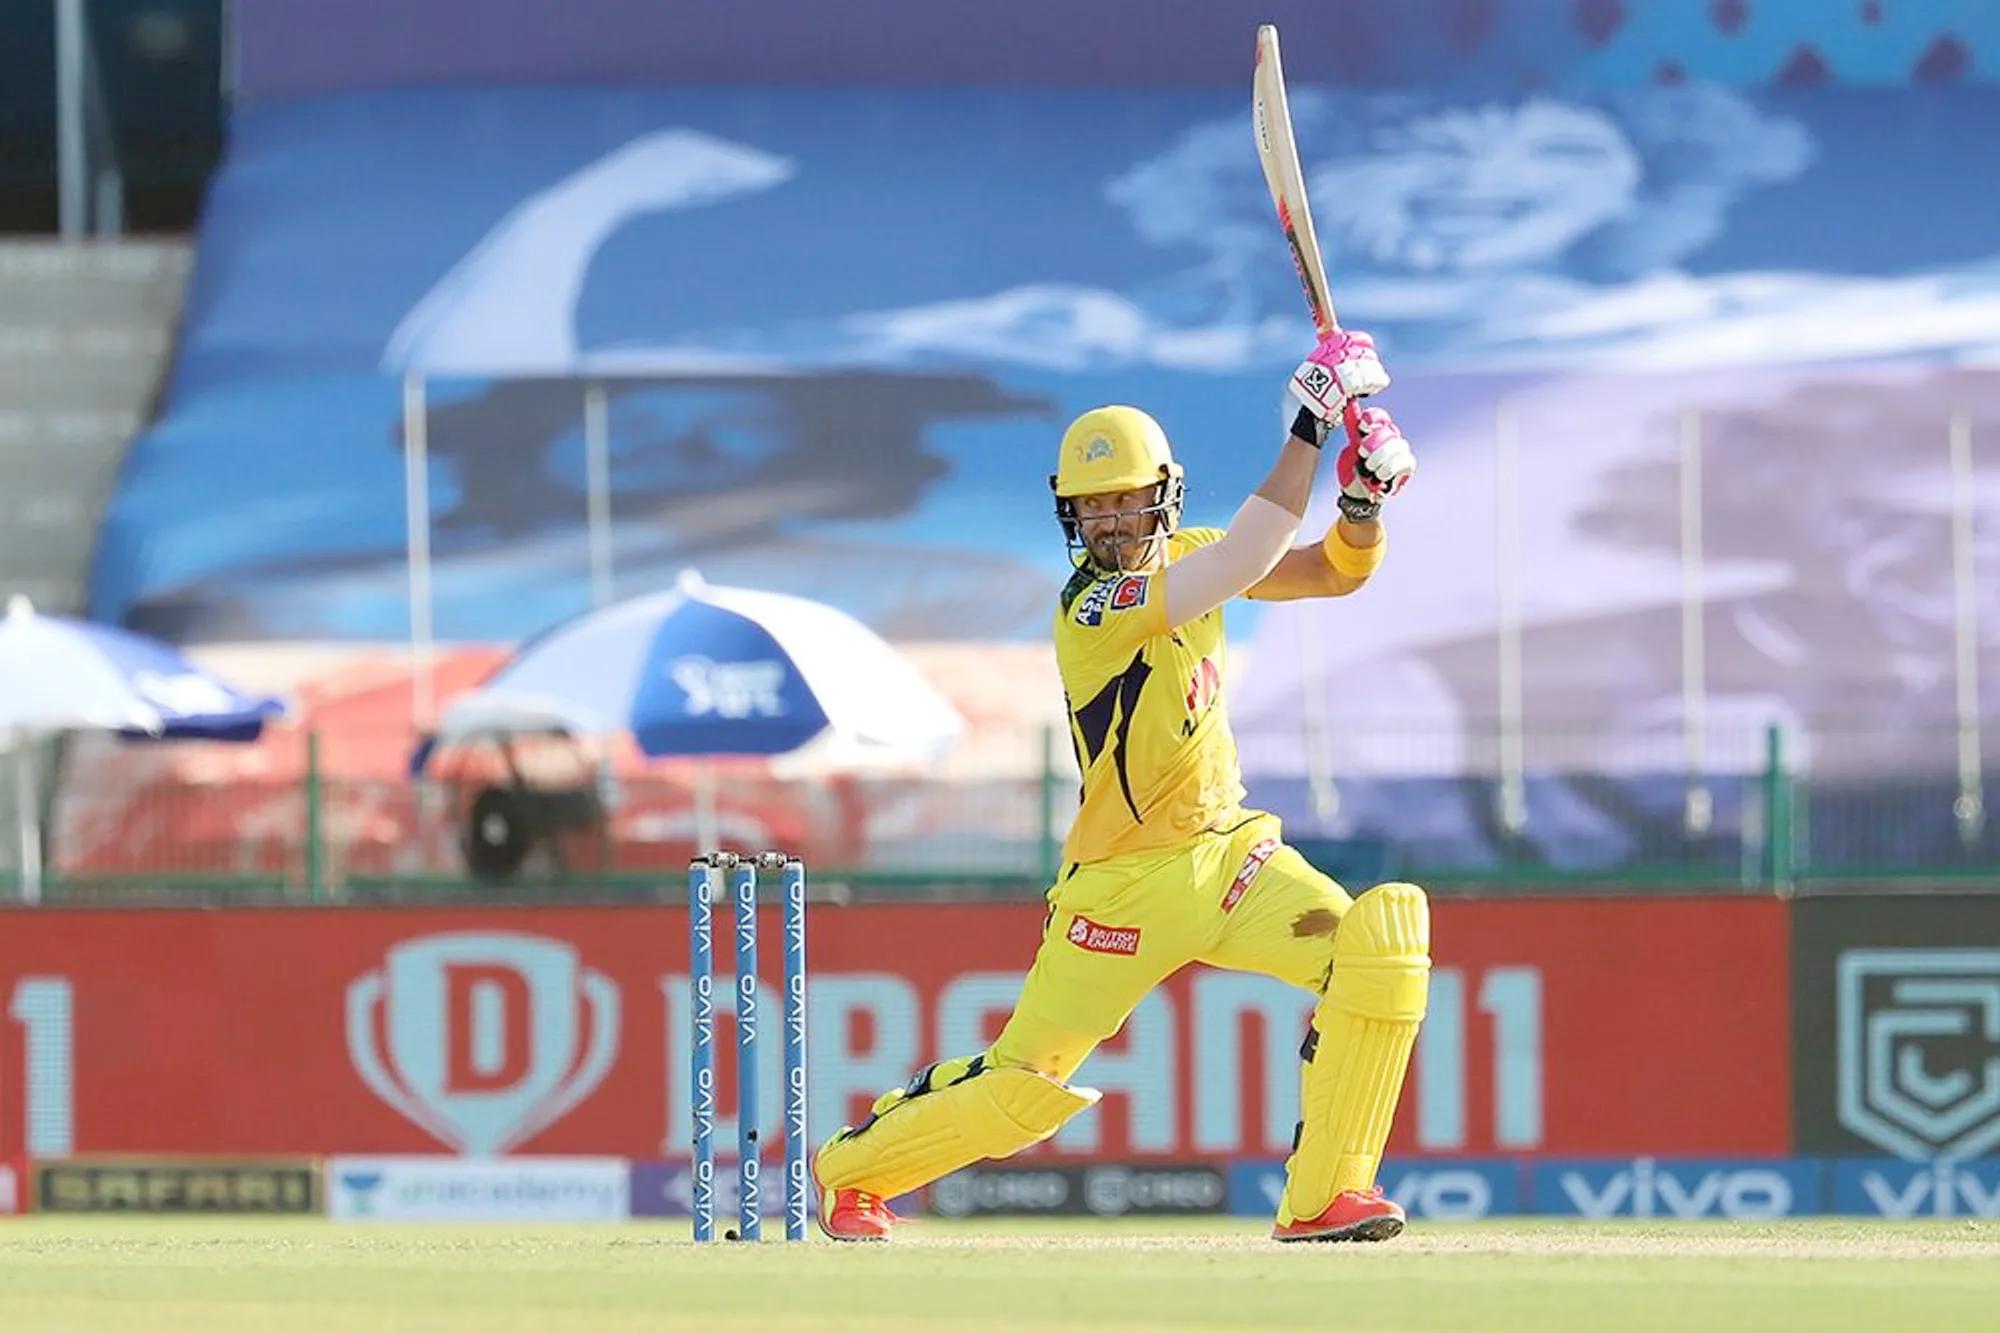 Faf du Plessis Bleeding Knee, IPL 2021